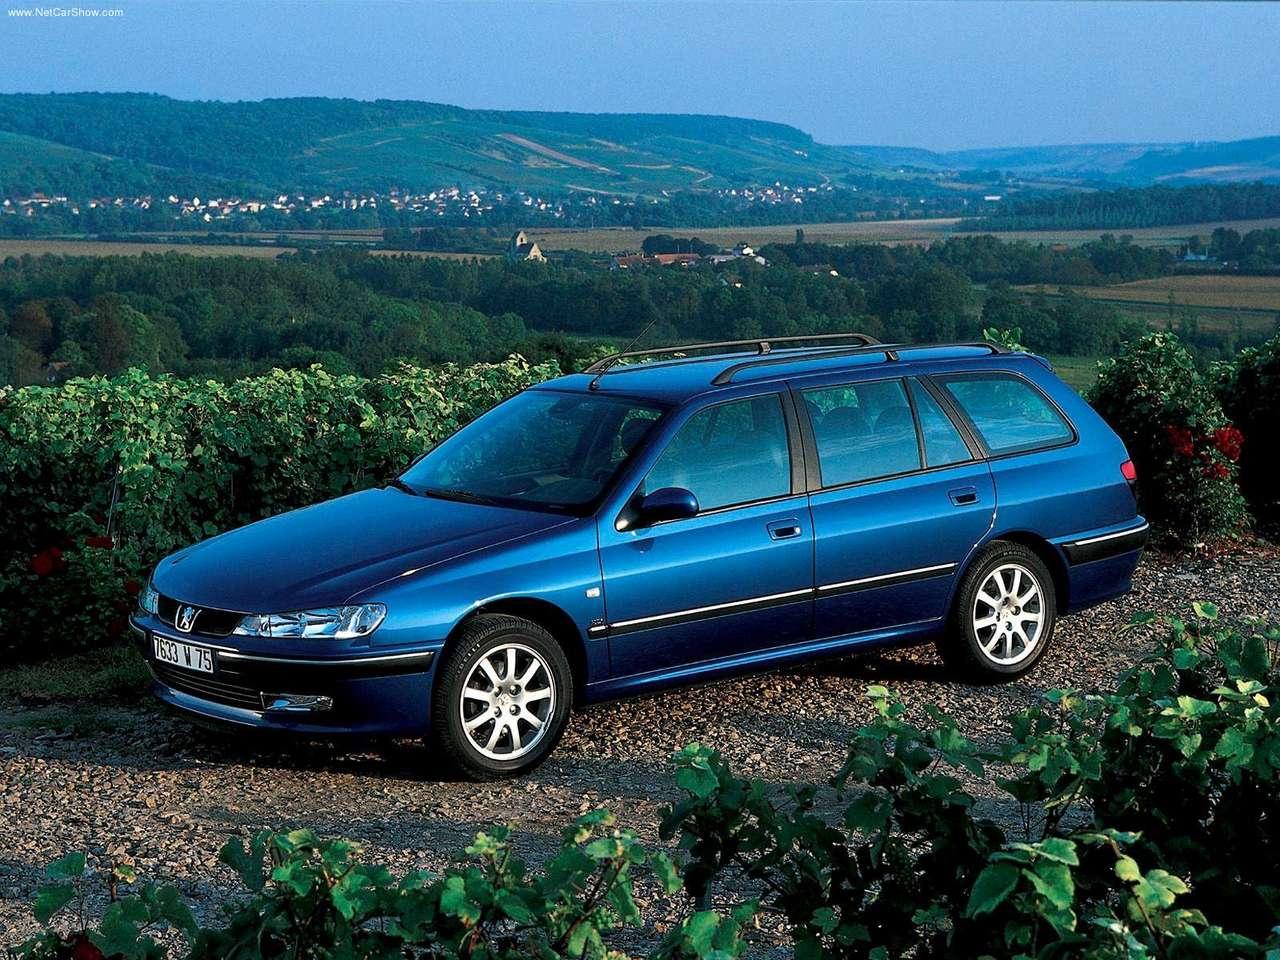 http://2.bp.blogspot.com/-Q8mkLr00YQI/TXxVoJSP7SI/AAAAAAAANXg/Jz2crOsw3Xs/s1600/Peugeot-406_Estate_2001_1280x960_wallpaper_01.jpg